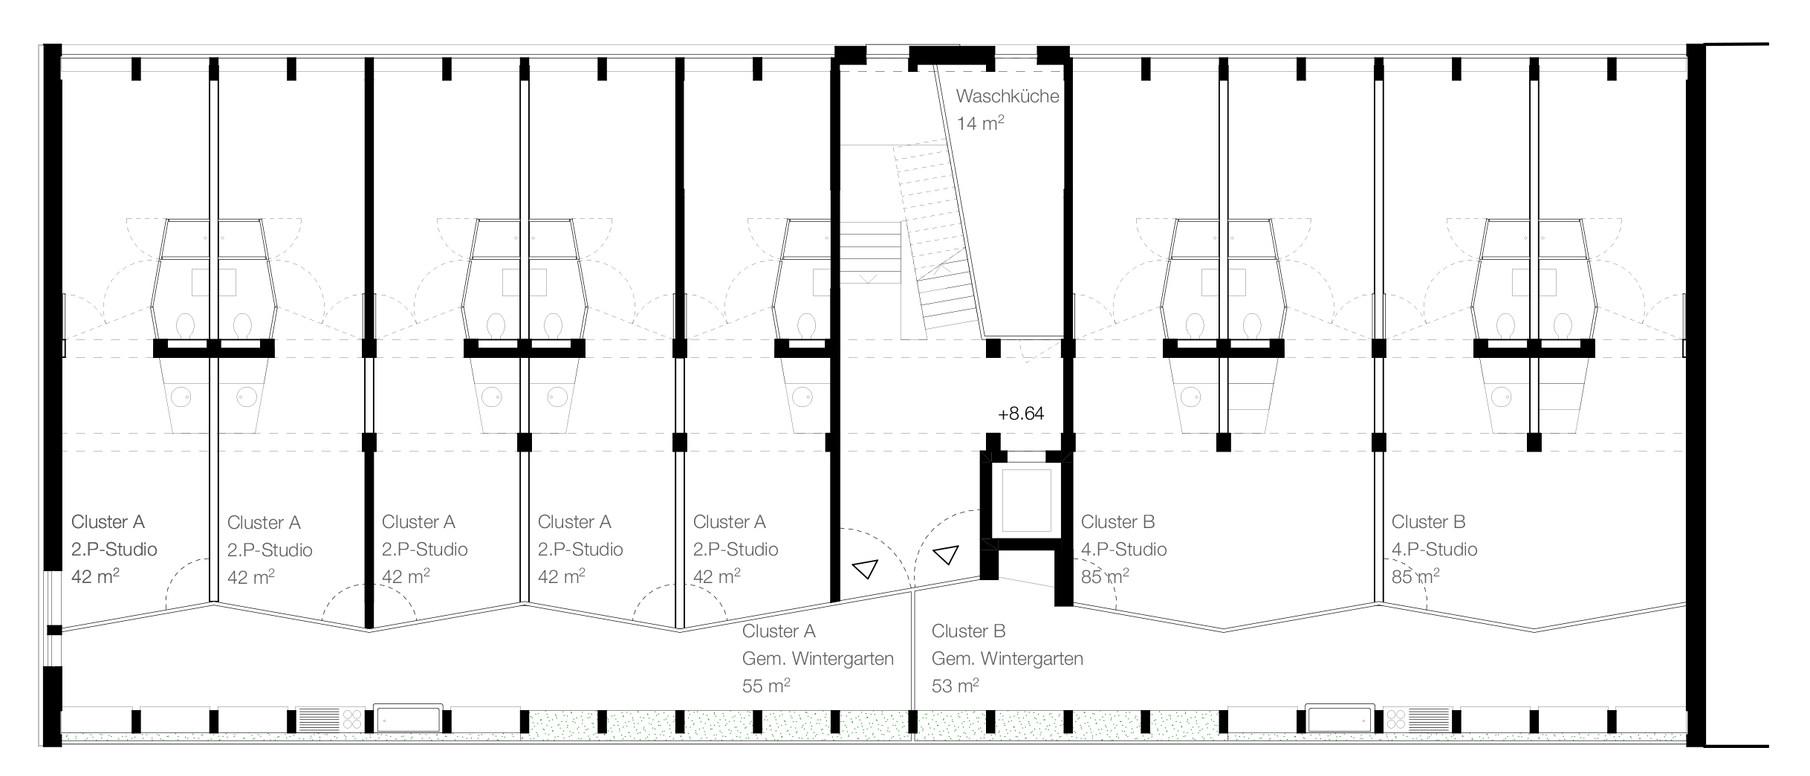 Im letzten Vollgeschoss werden die Kleinwohnungen zu zwei Clustern zusammengefasst. Die Laube wird zum temperierten Wohn- und Gartenzimmer mit Gemeinschaftsküche.